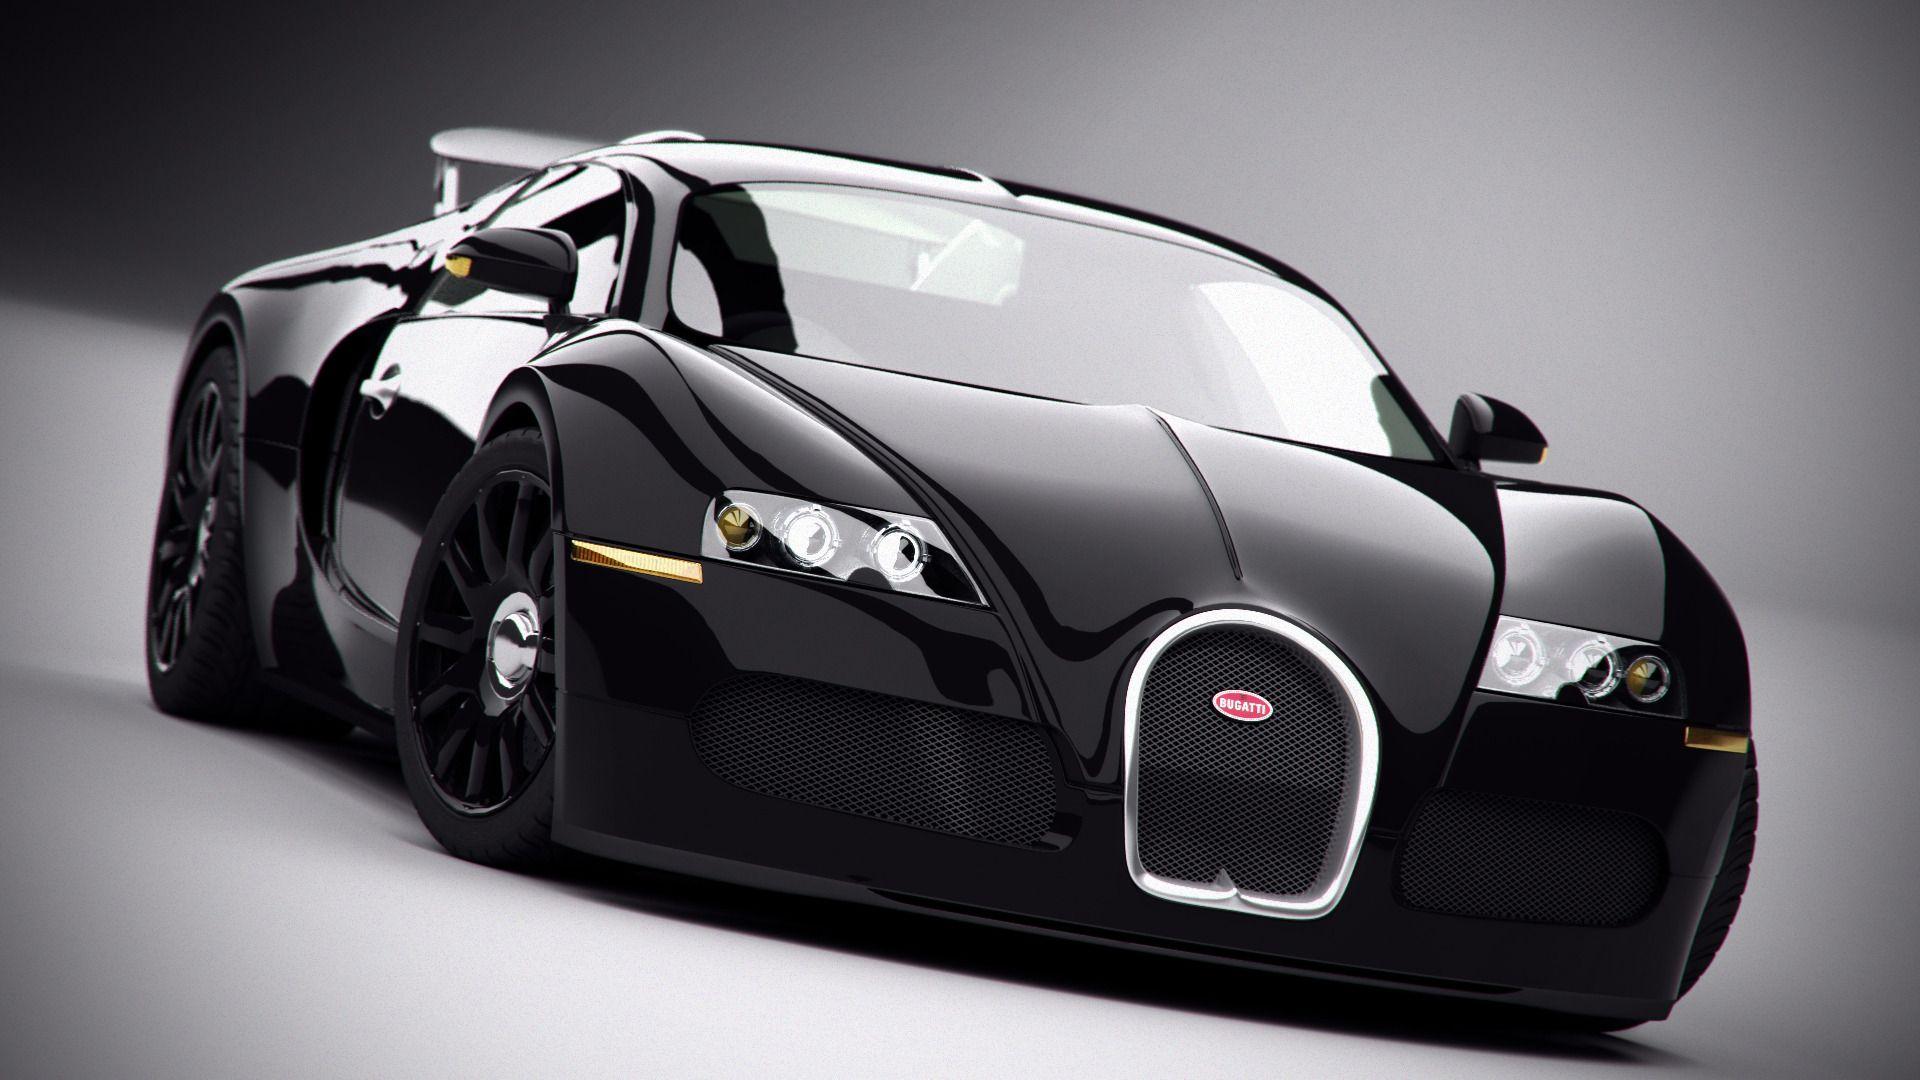 Bugatti Car Wallpapers Bugatti Cars Bugatti Veyron Bugatti